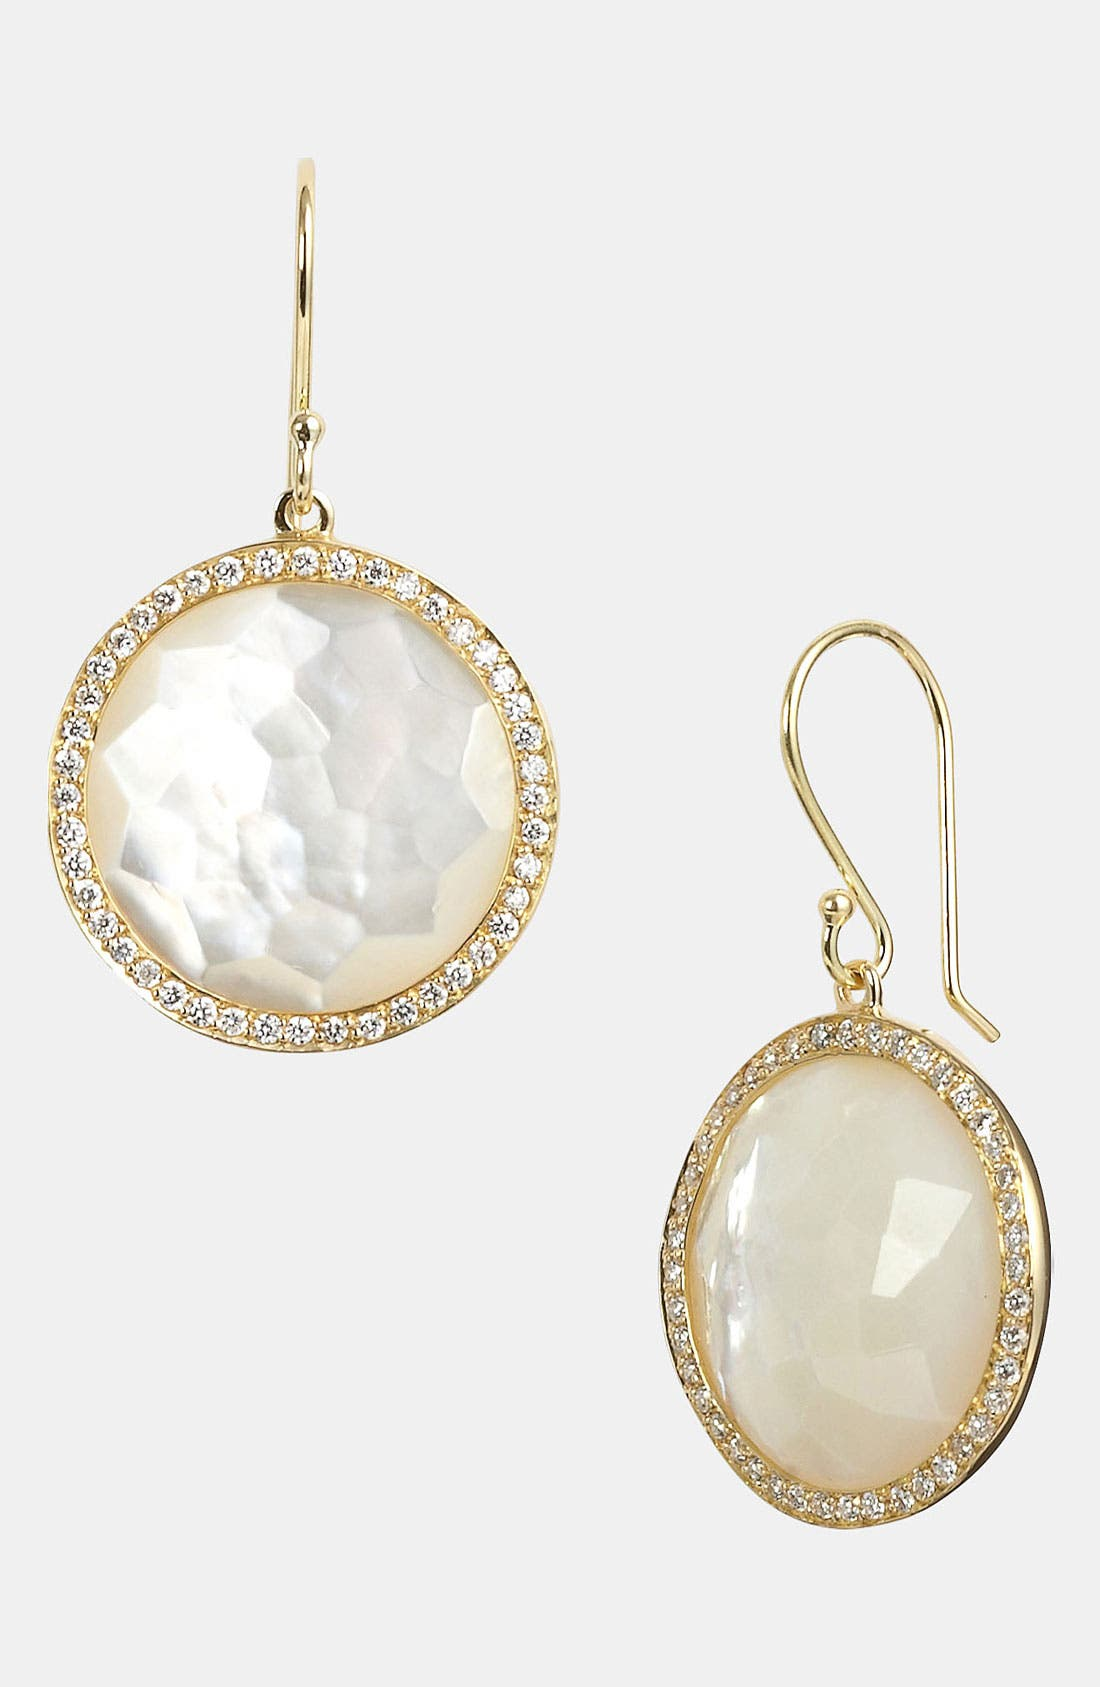 Main Image - Ippolita 'Rock Candy - Lollipop' Diamond & 18k Gold Drop Earrings